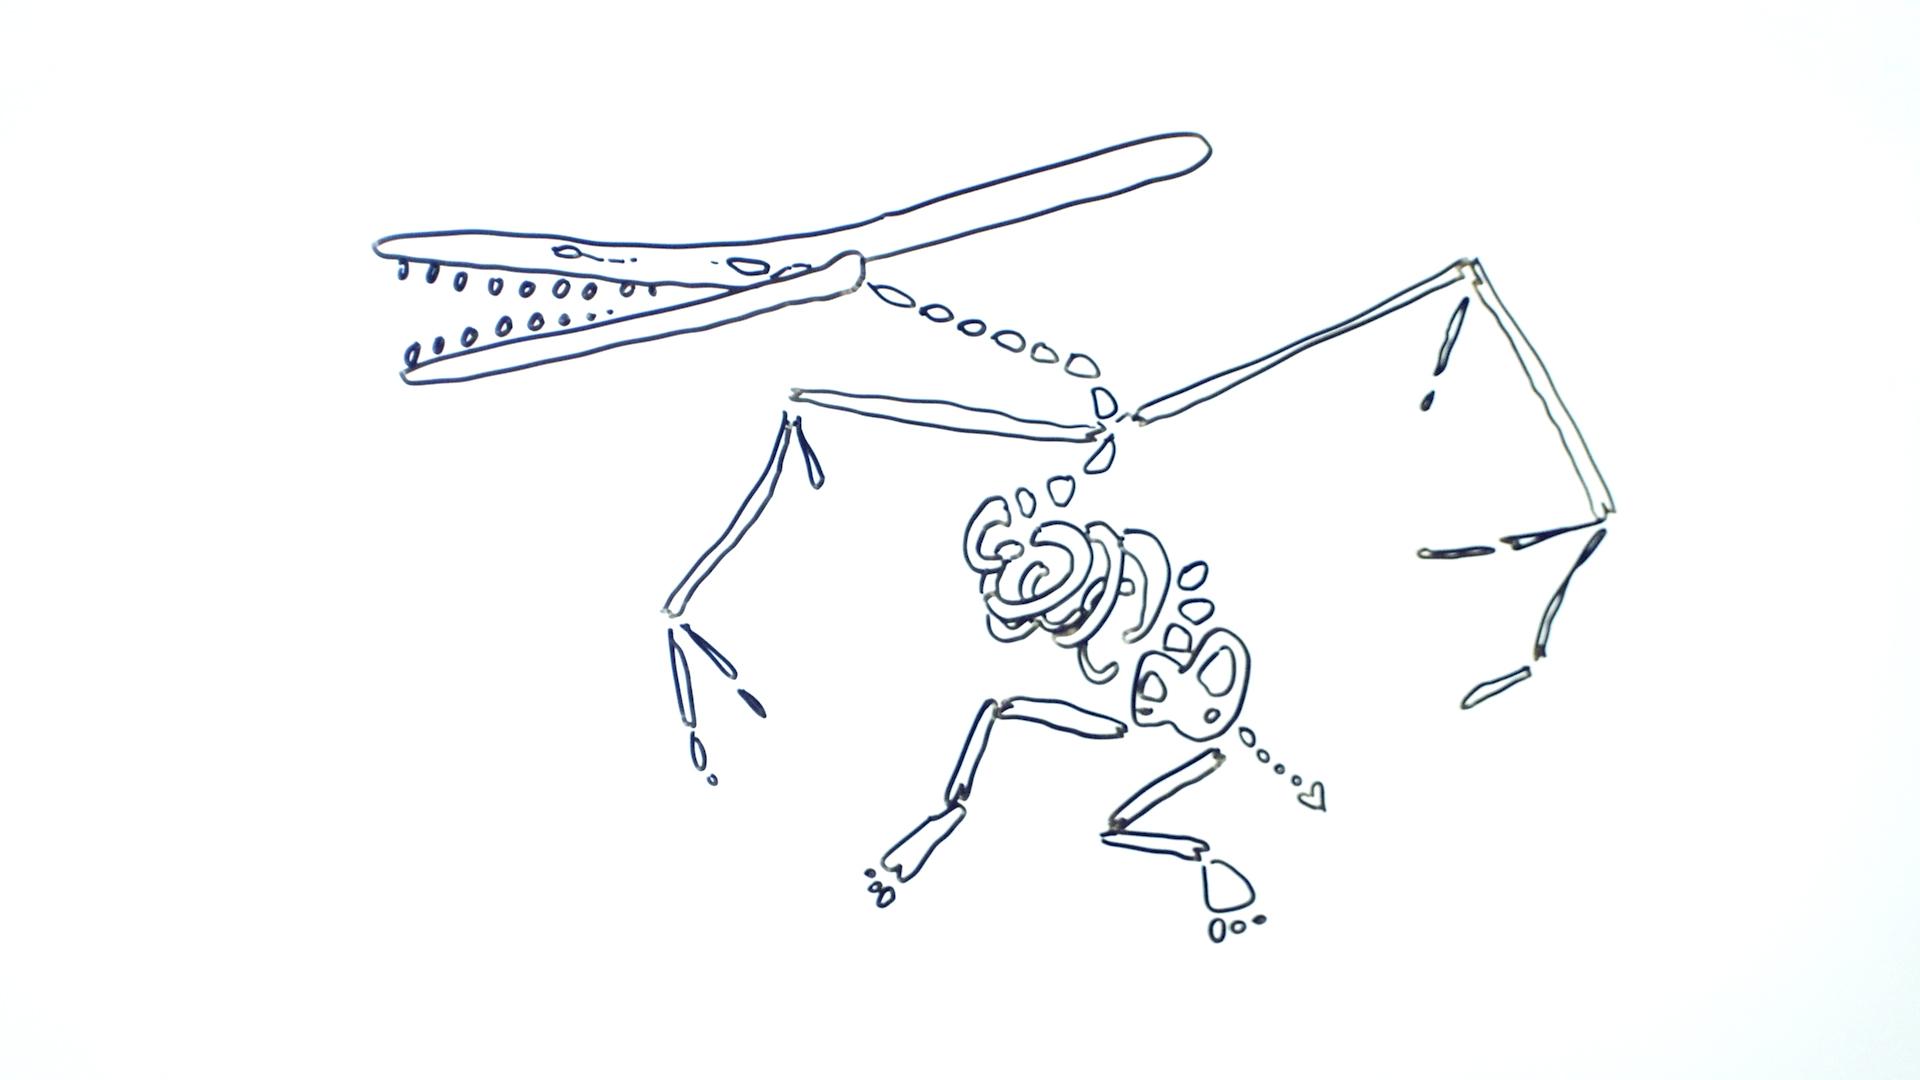 Fossile de ptérosaure (vue d'artiste pas doué en anatomie)